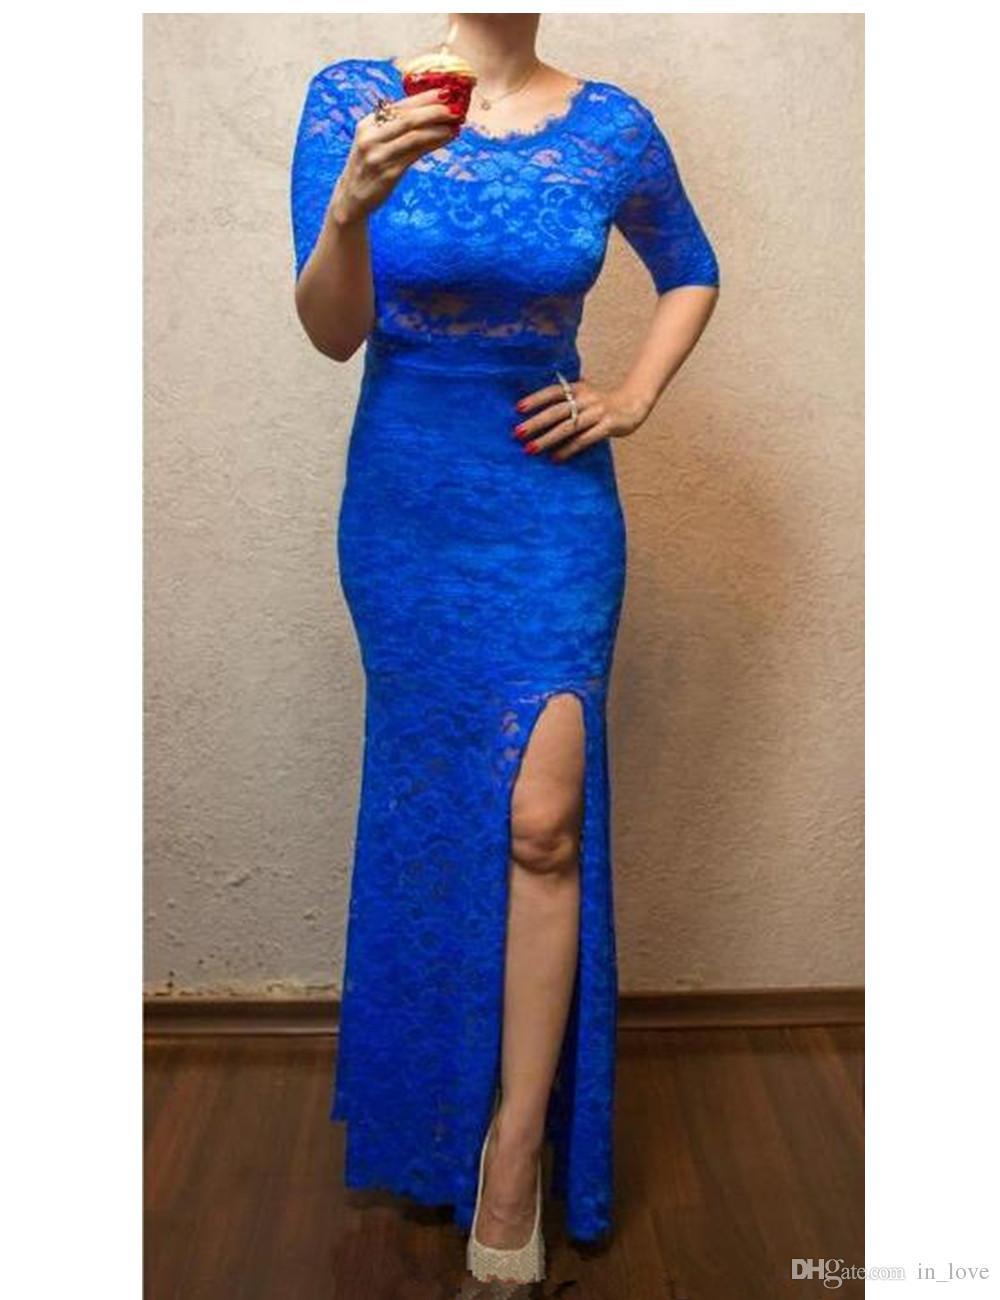 Robes de soirée longues en dentelle bleu royal demi-manches côté gaine fendue étage longueur femmes robes formelles pour occasion spéciale taille personnalisée